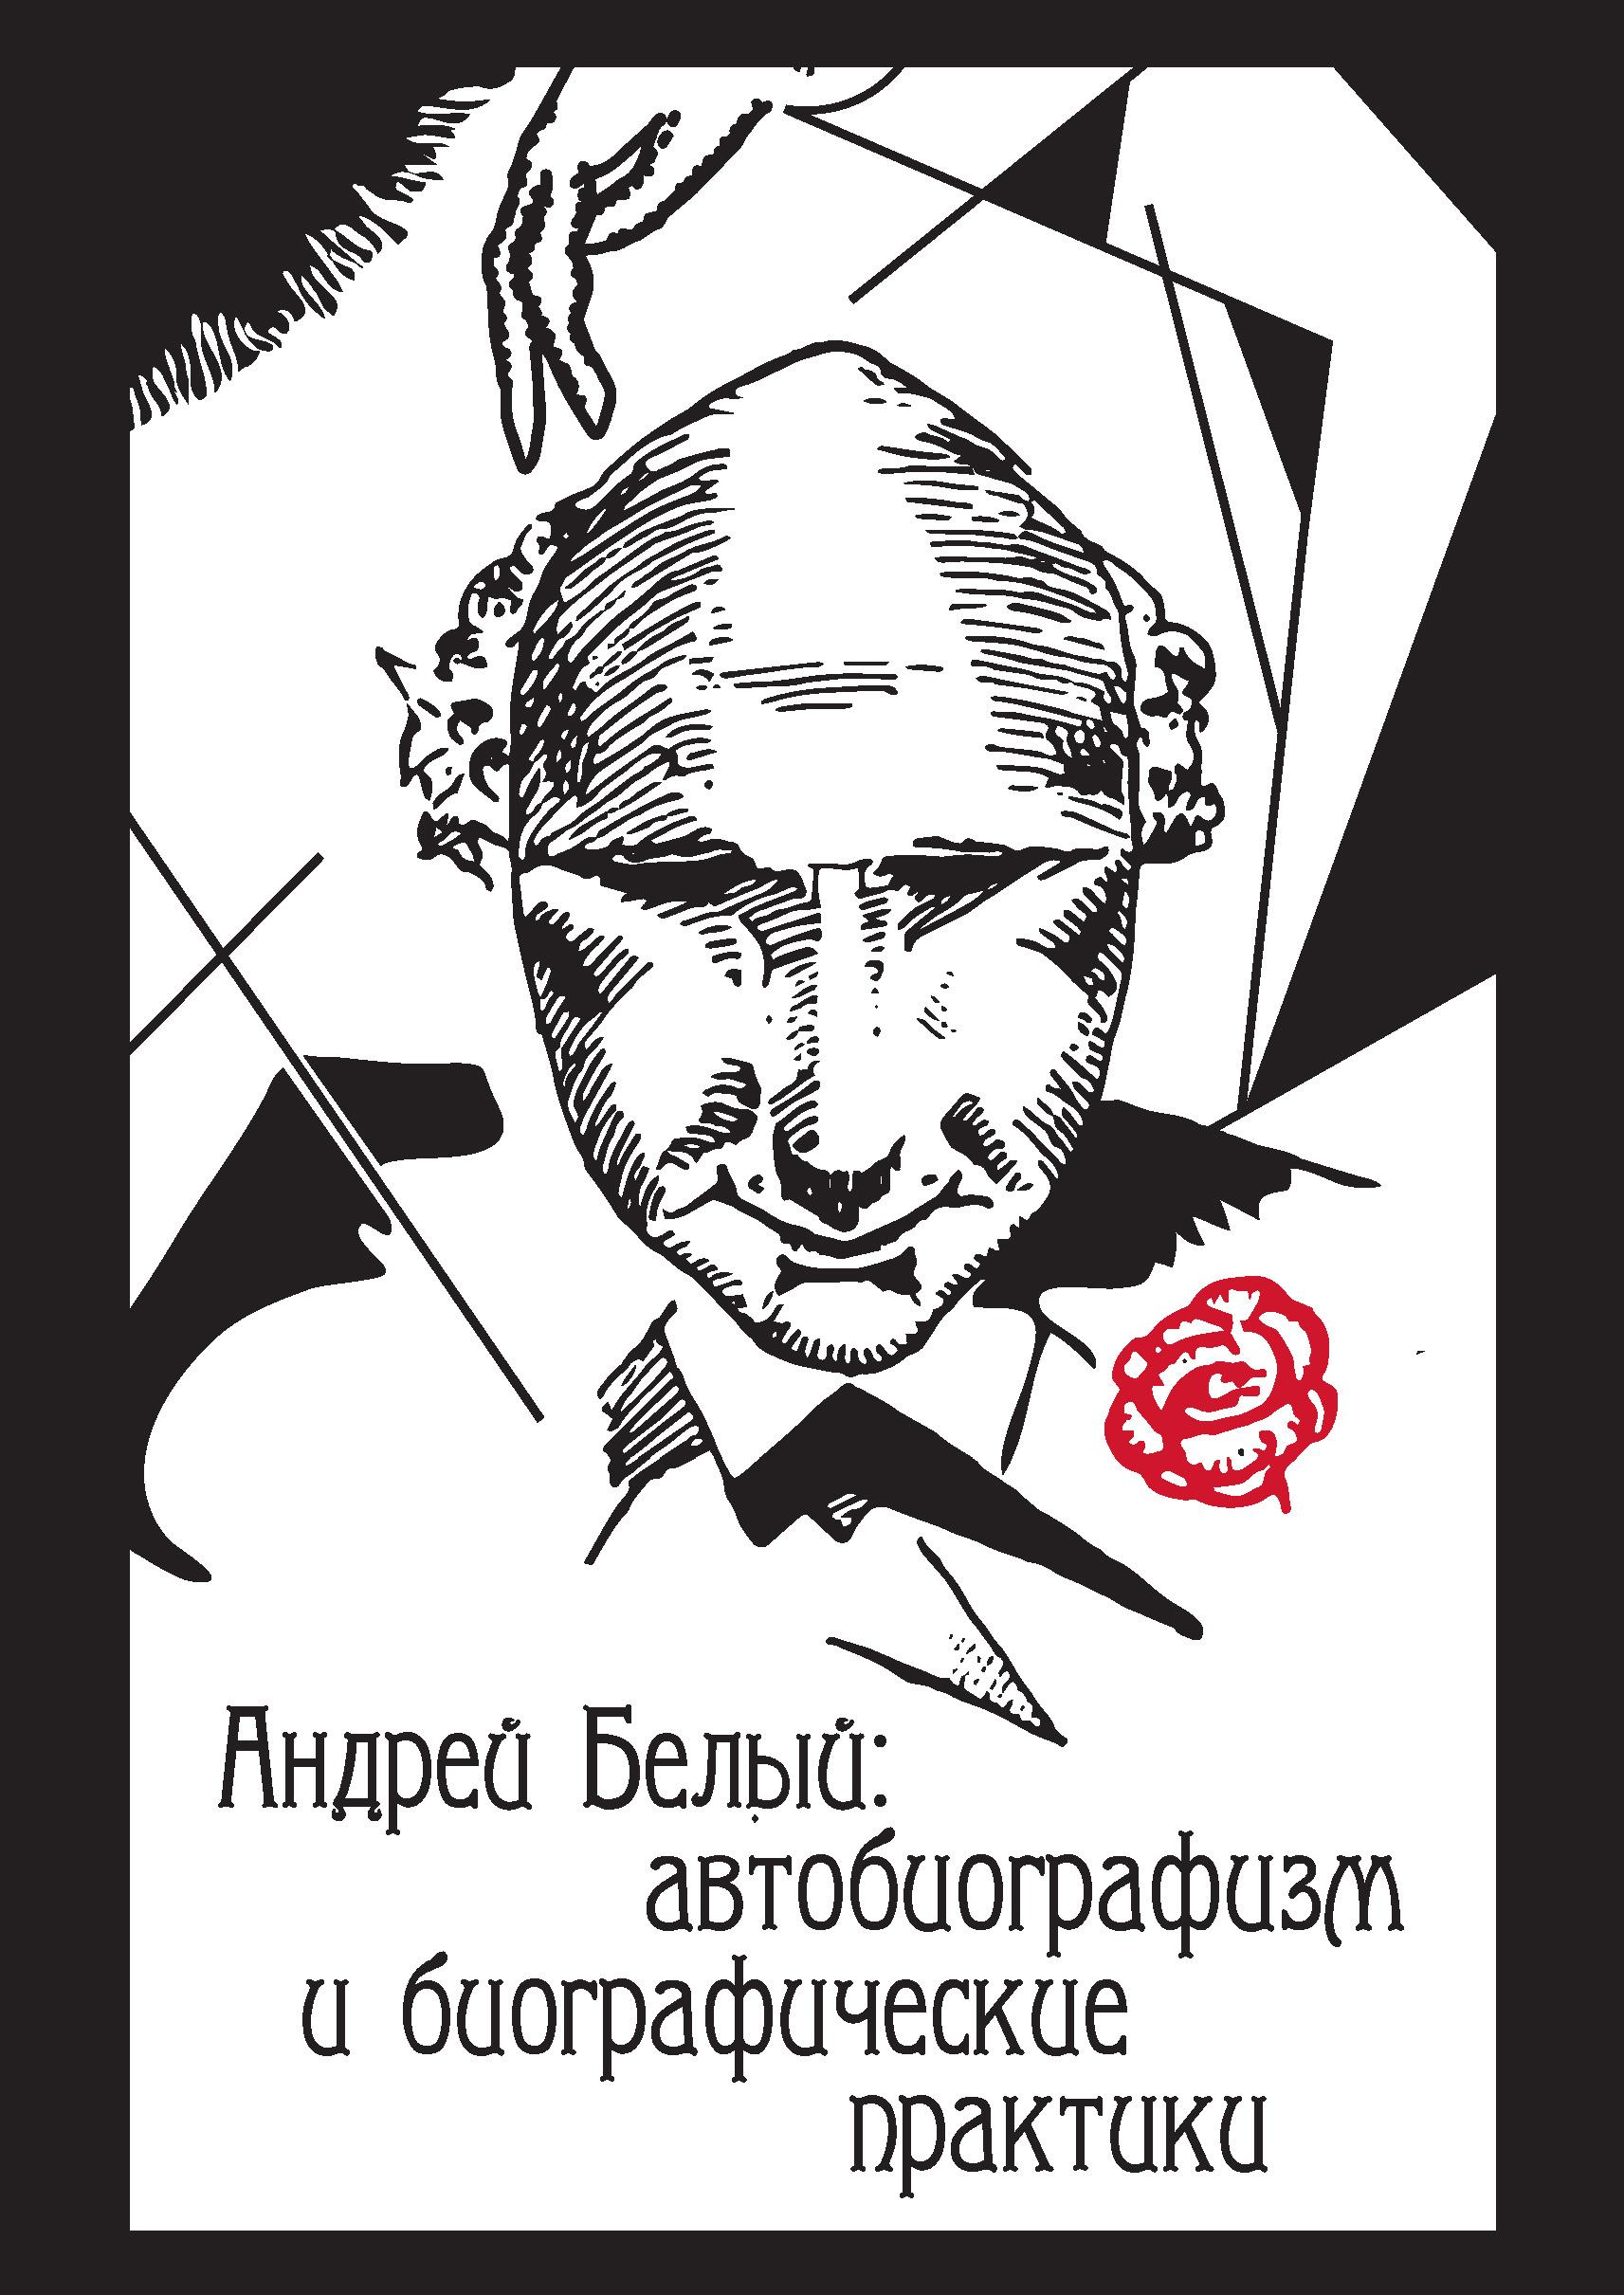 Андрей Белый: автобиографизм и биографические практики